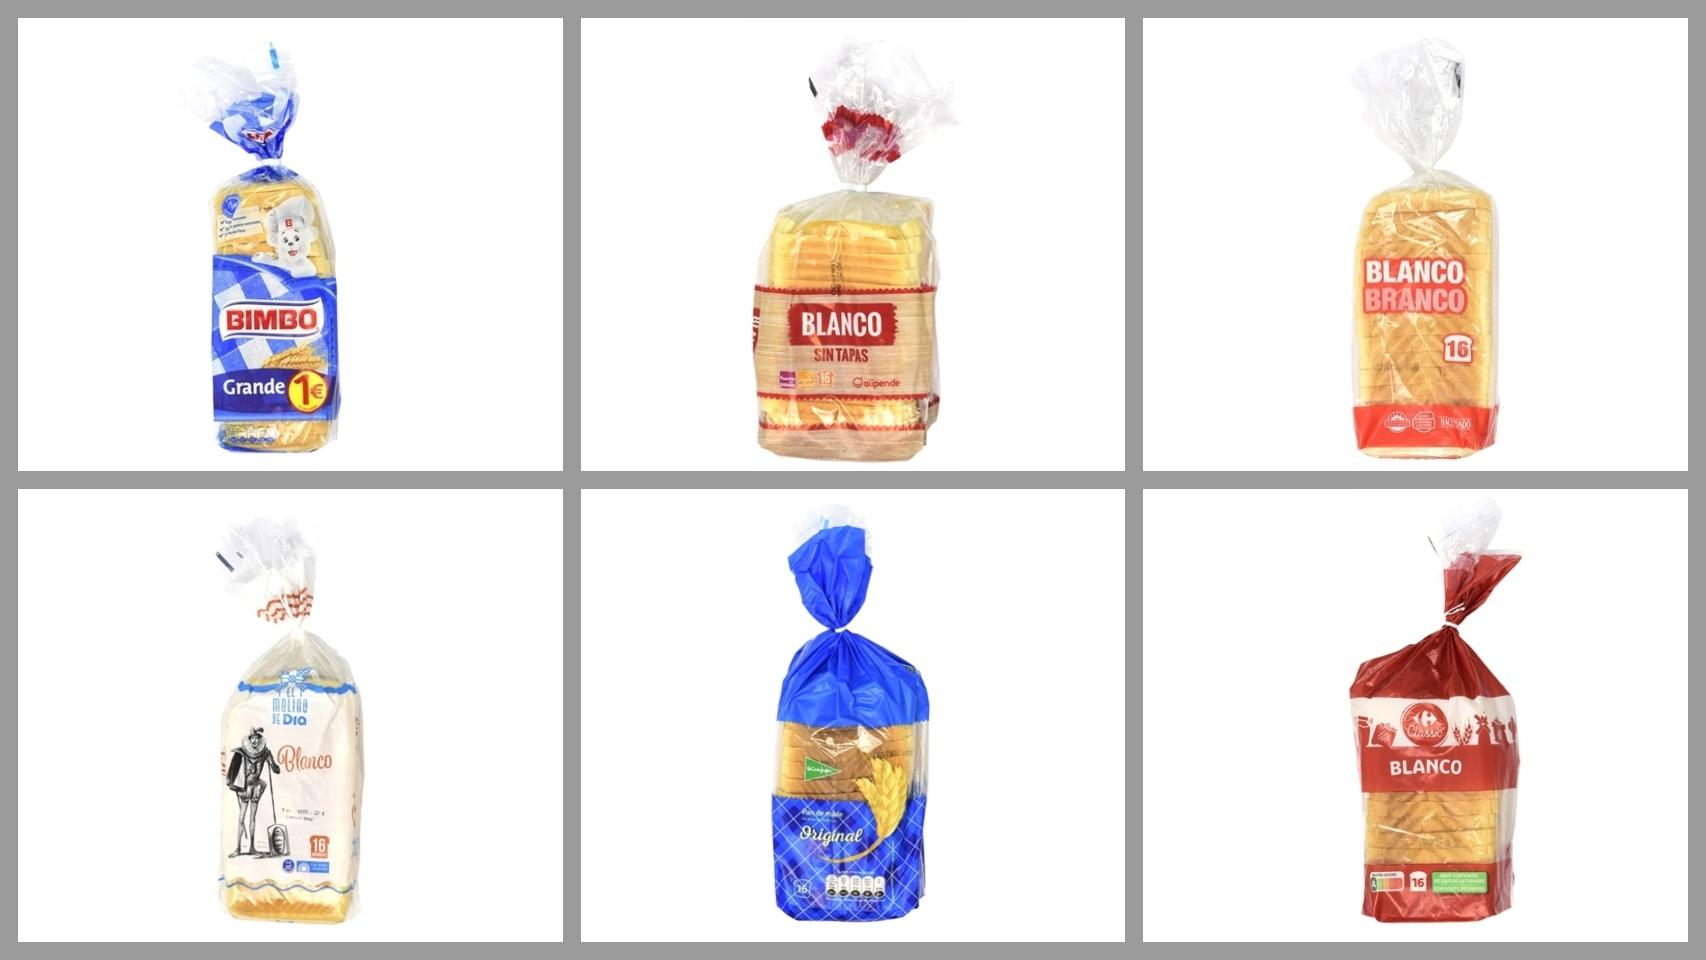 Variedades de pan blanco de los supermercados